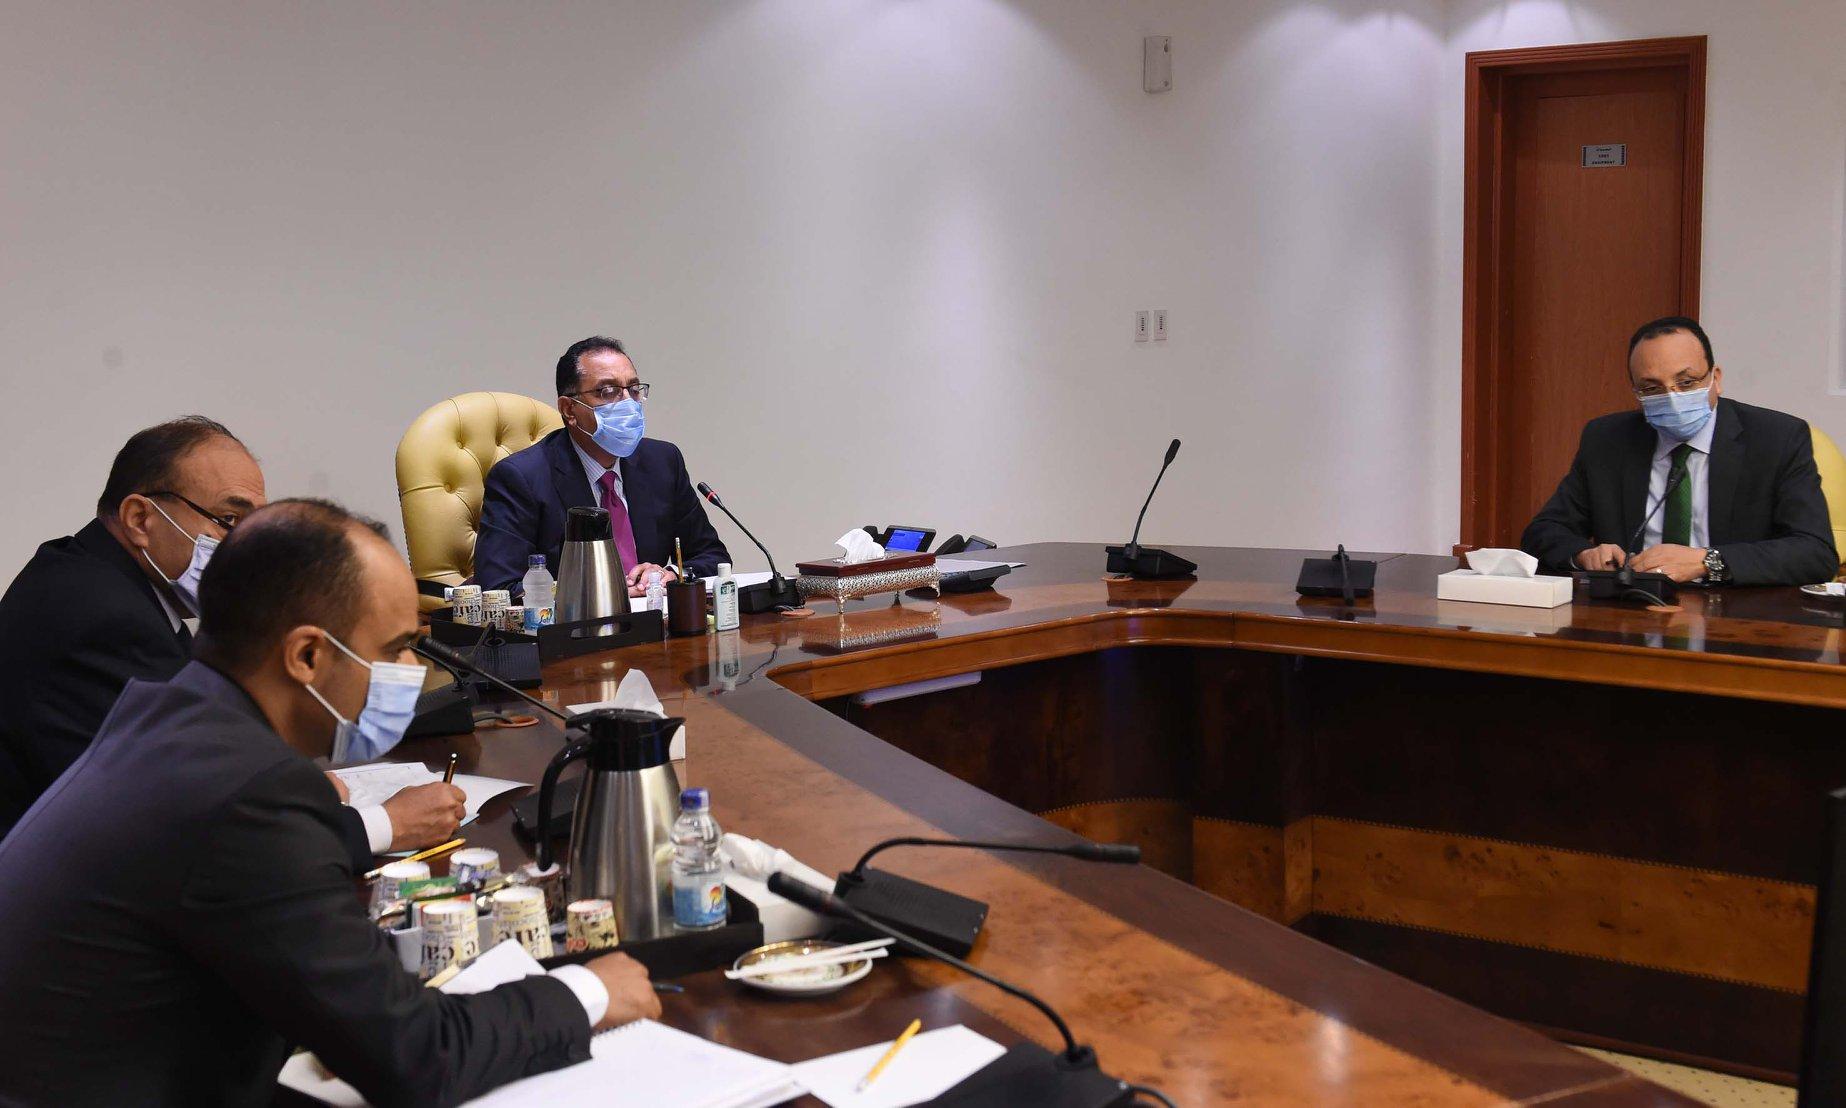 رئيس الوزراء : الدولة تمضي قدما في تطوير شركات قطاع الأعمال العام